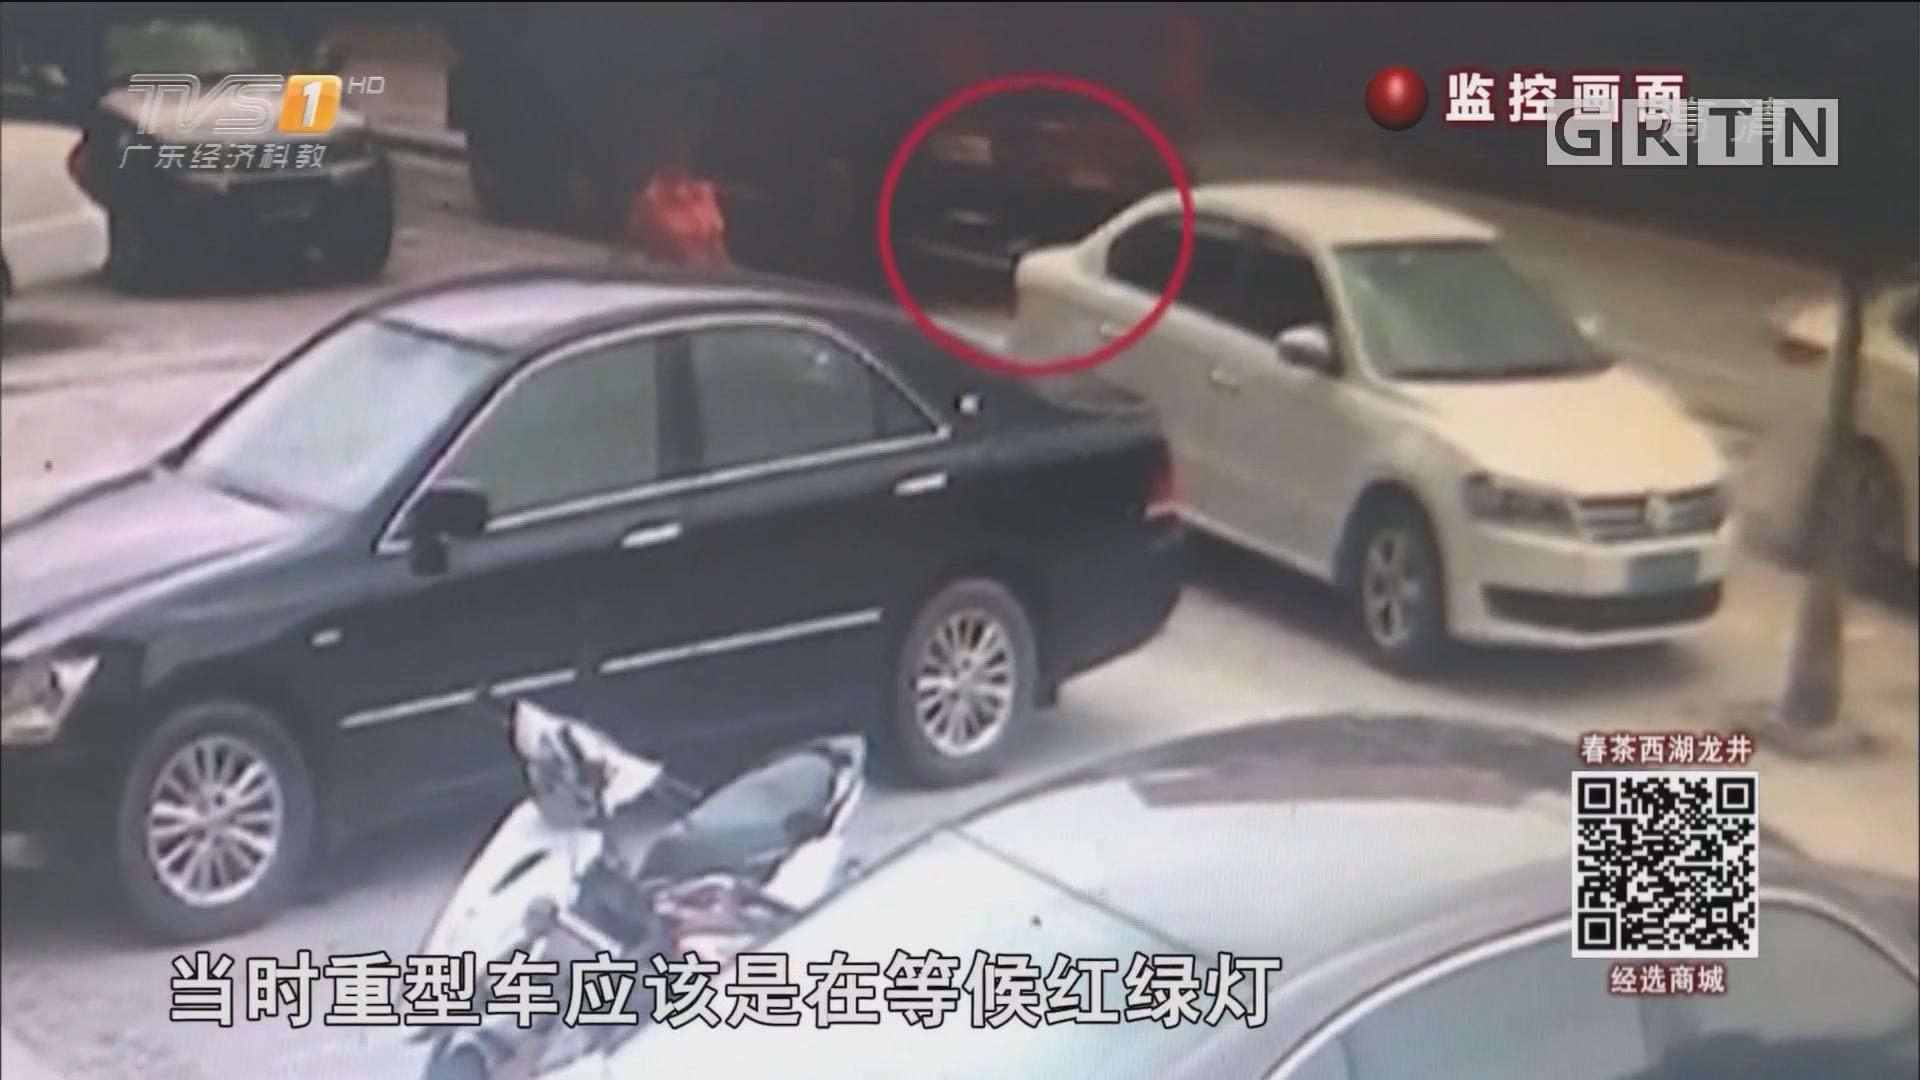 阿婆被卷车底 视频还原被撞过程